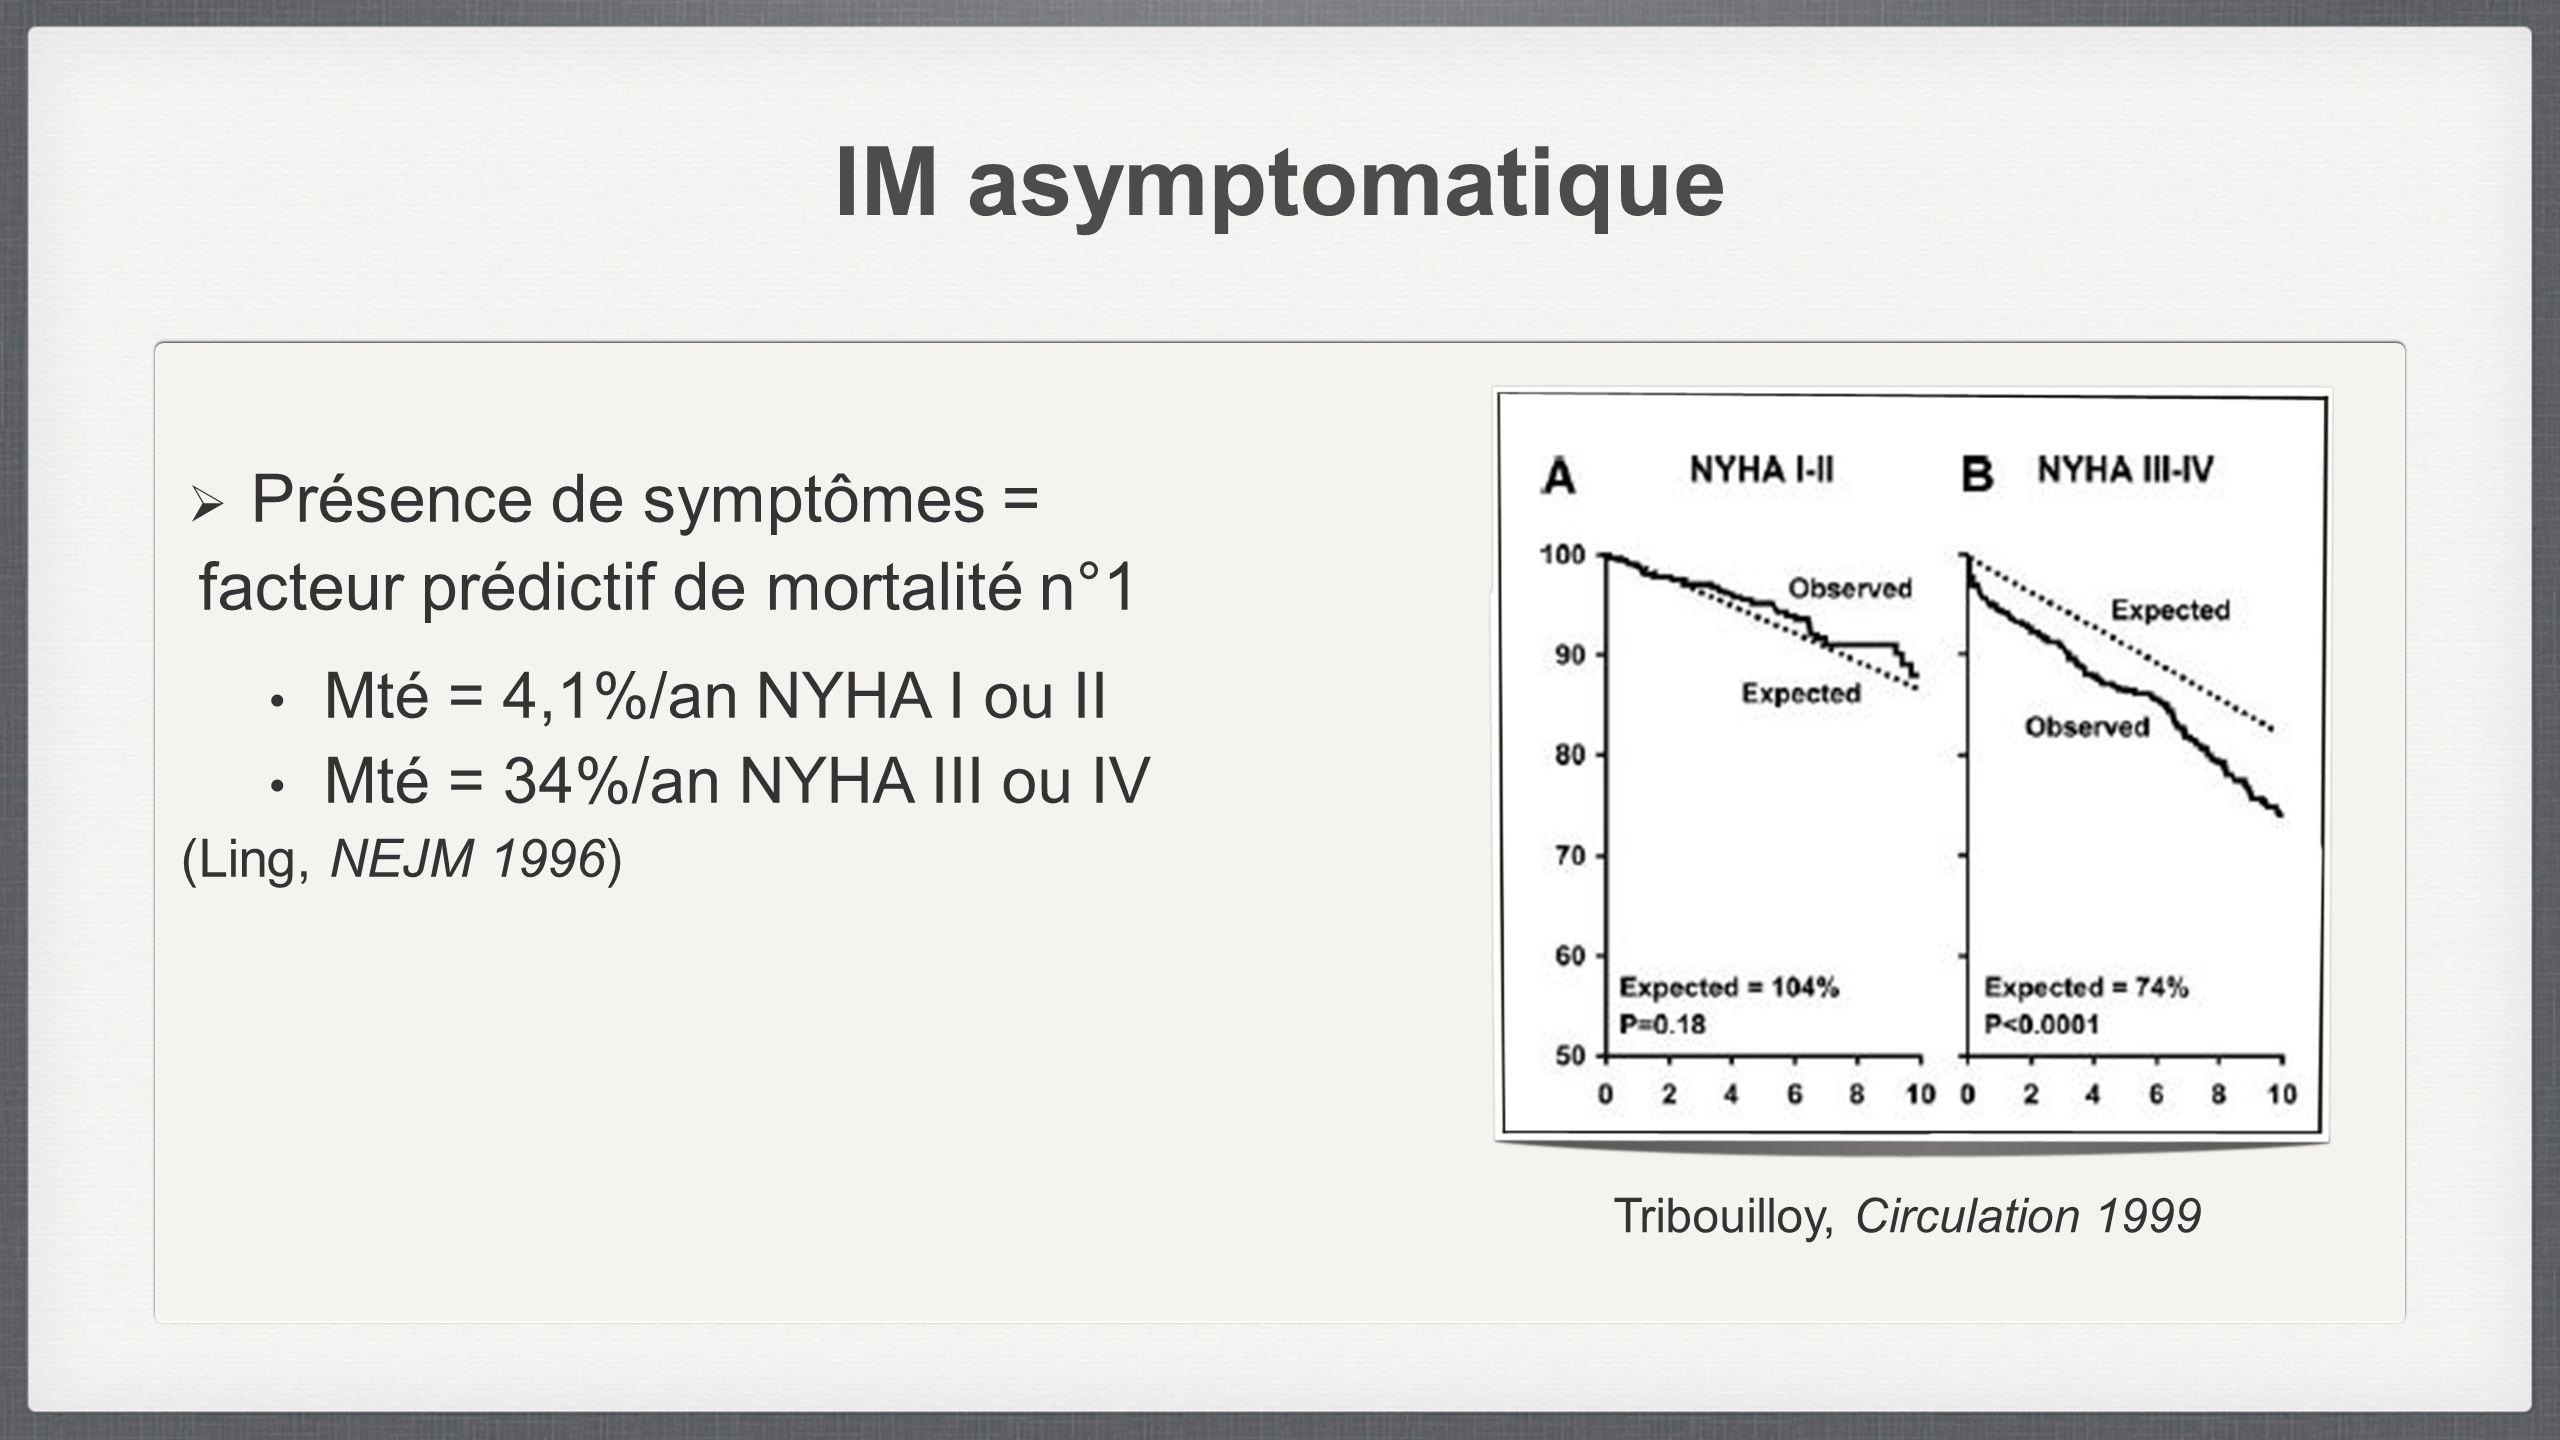 IM asymptomatique Tribouilloy, Circulation 1999 Présence de symptômes = facteur prédictif de mortalité n°1 Mté = 4,1%/an NYHA I ou II Mté = 34%/an NYH